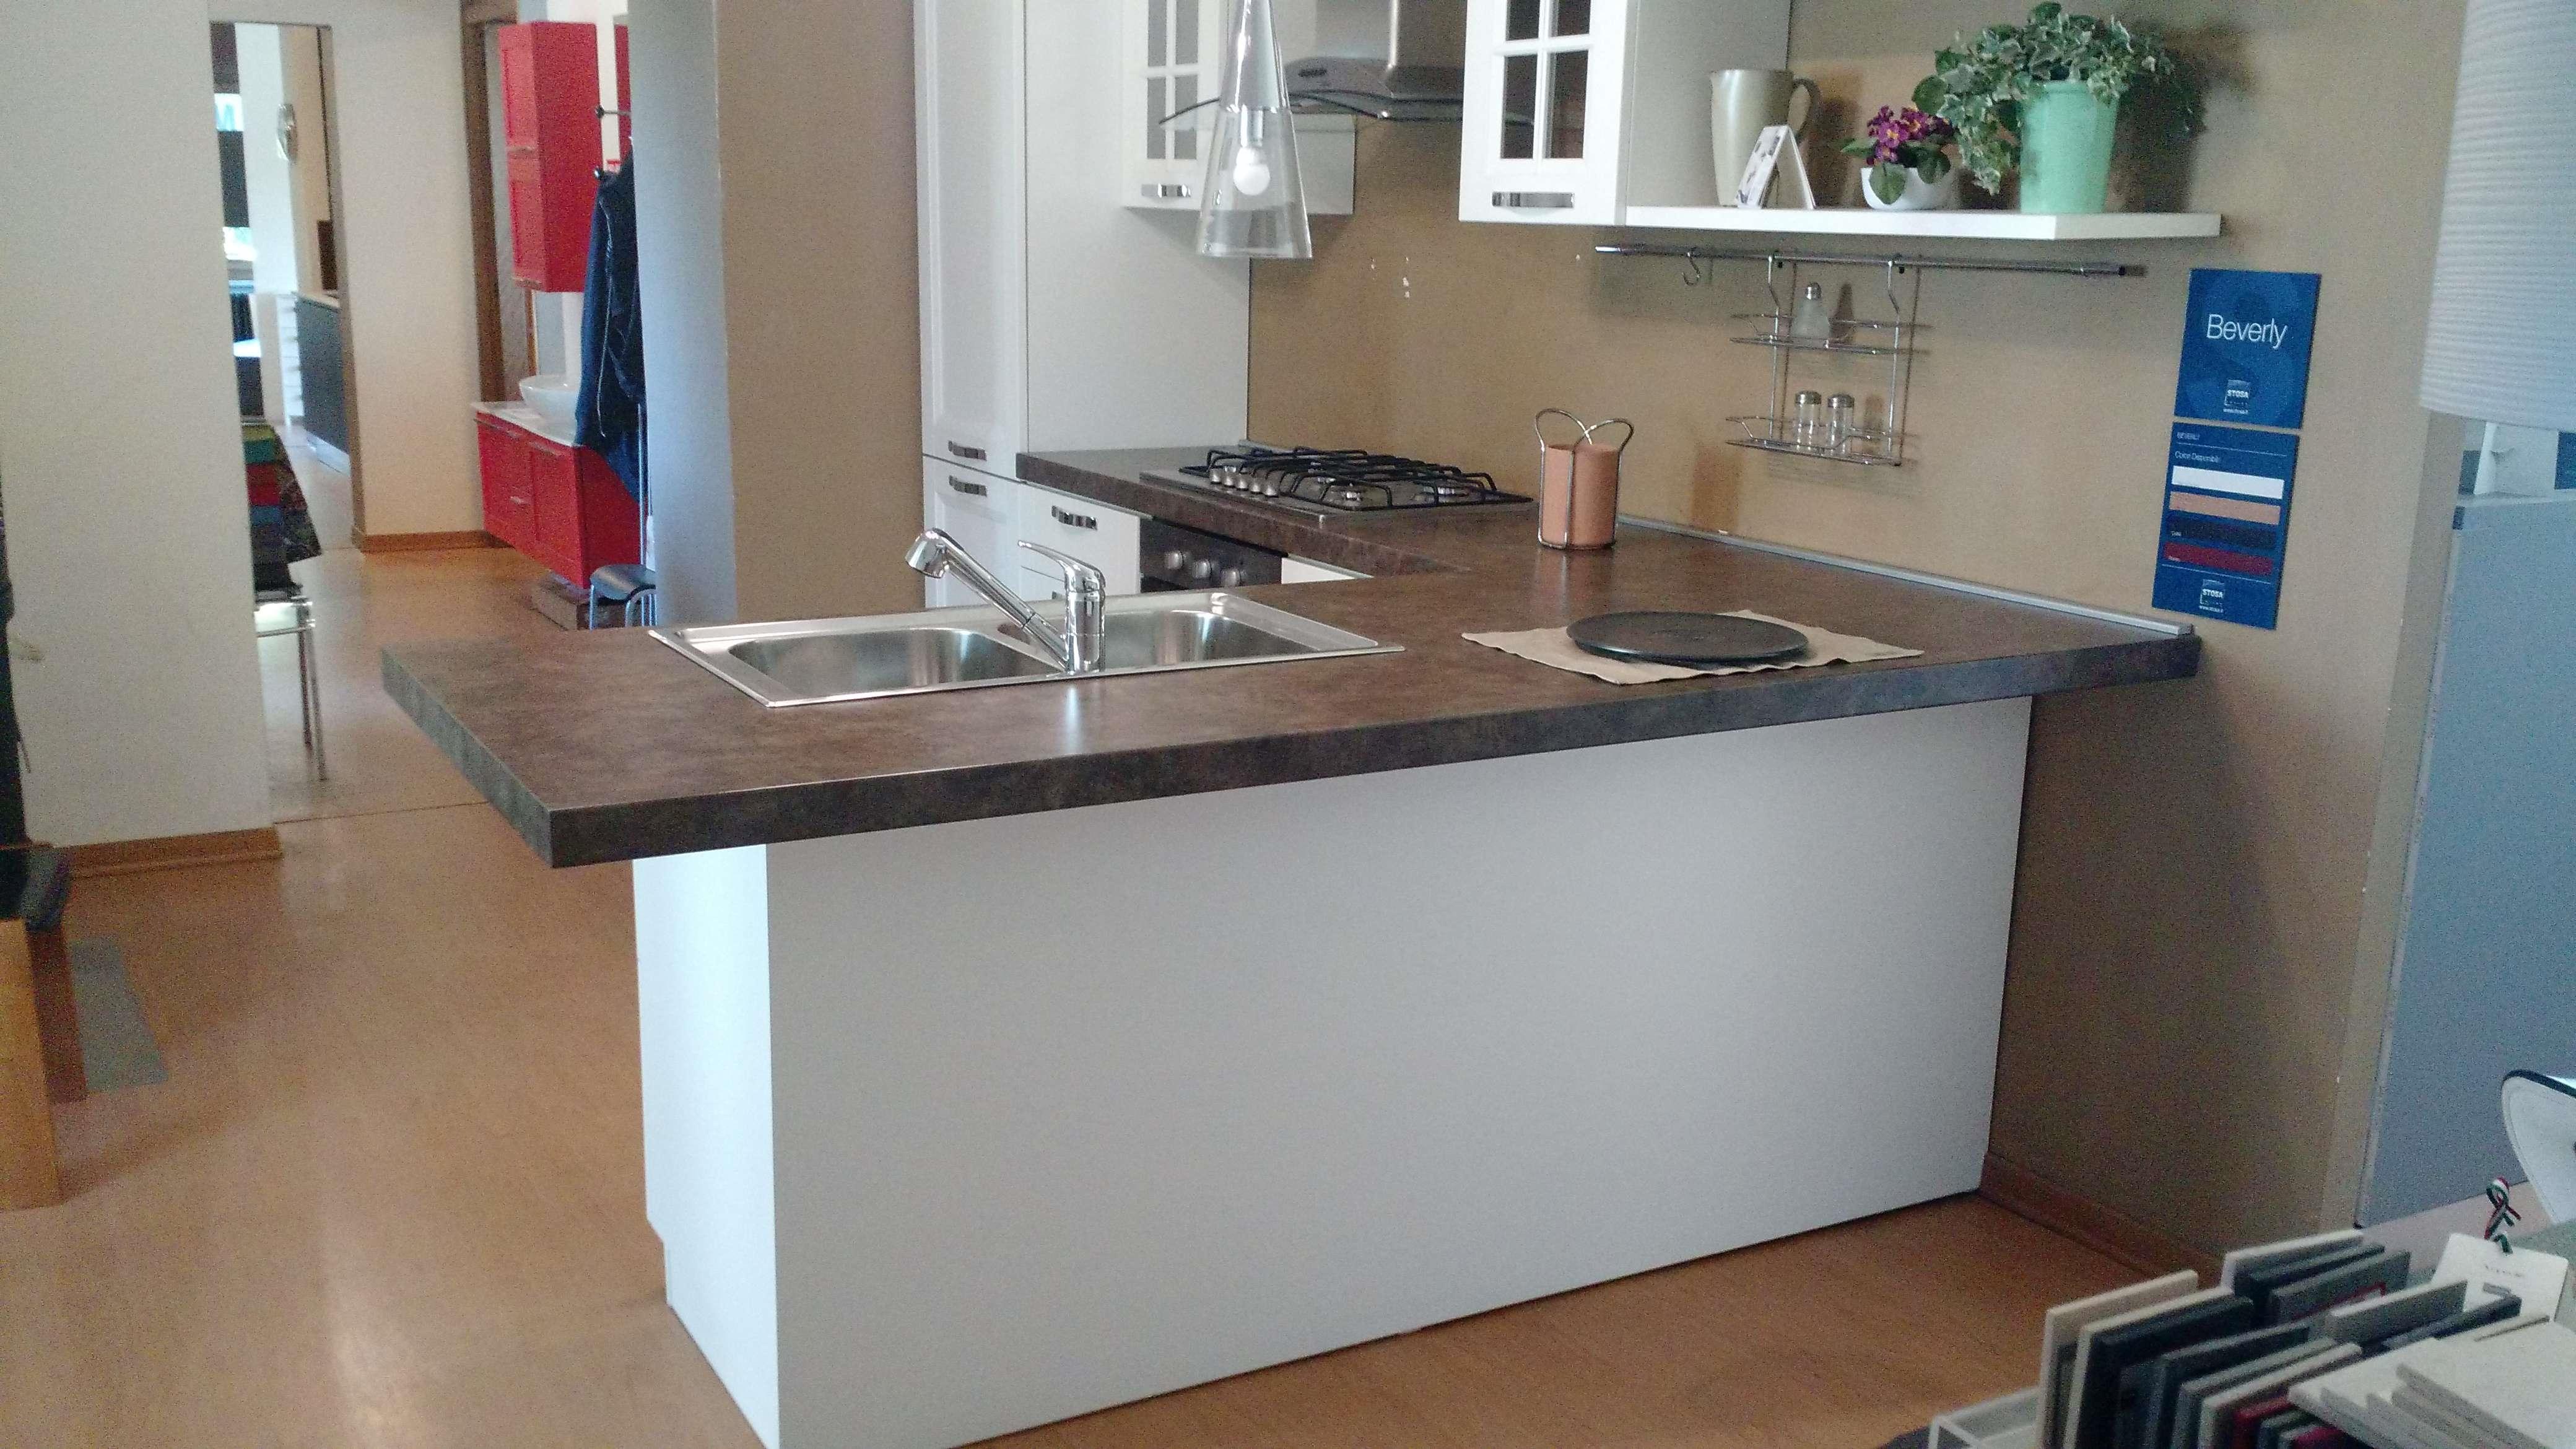 Bancone cucina con sgabelli excellent idee per sfruttare i mobili